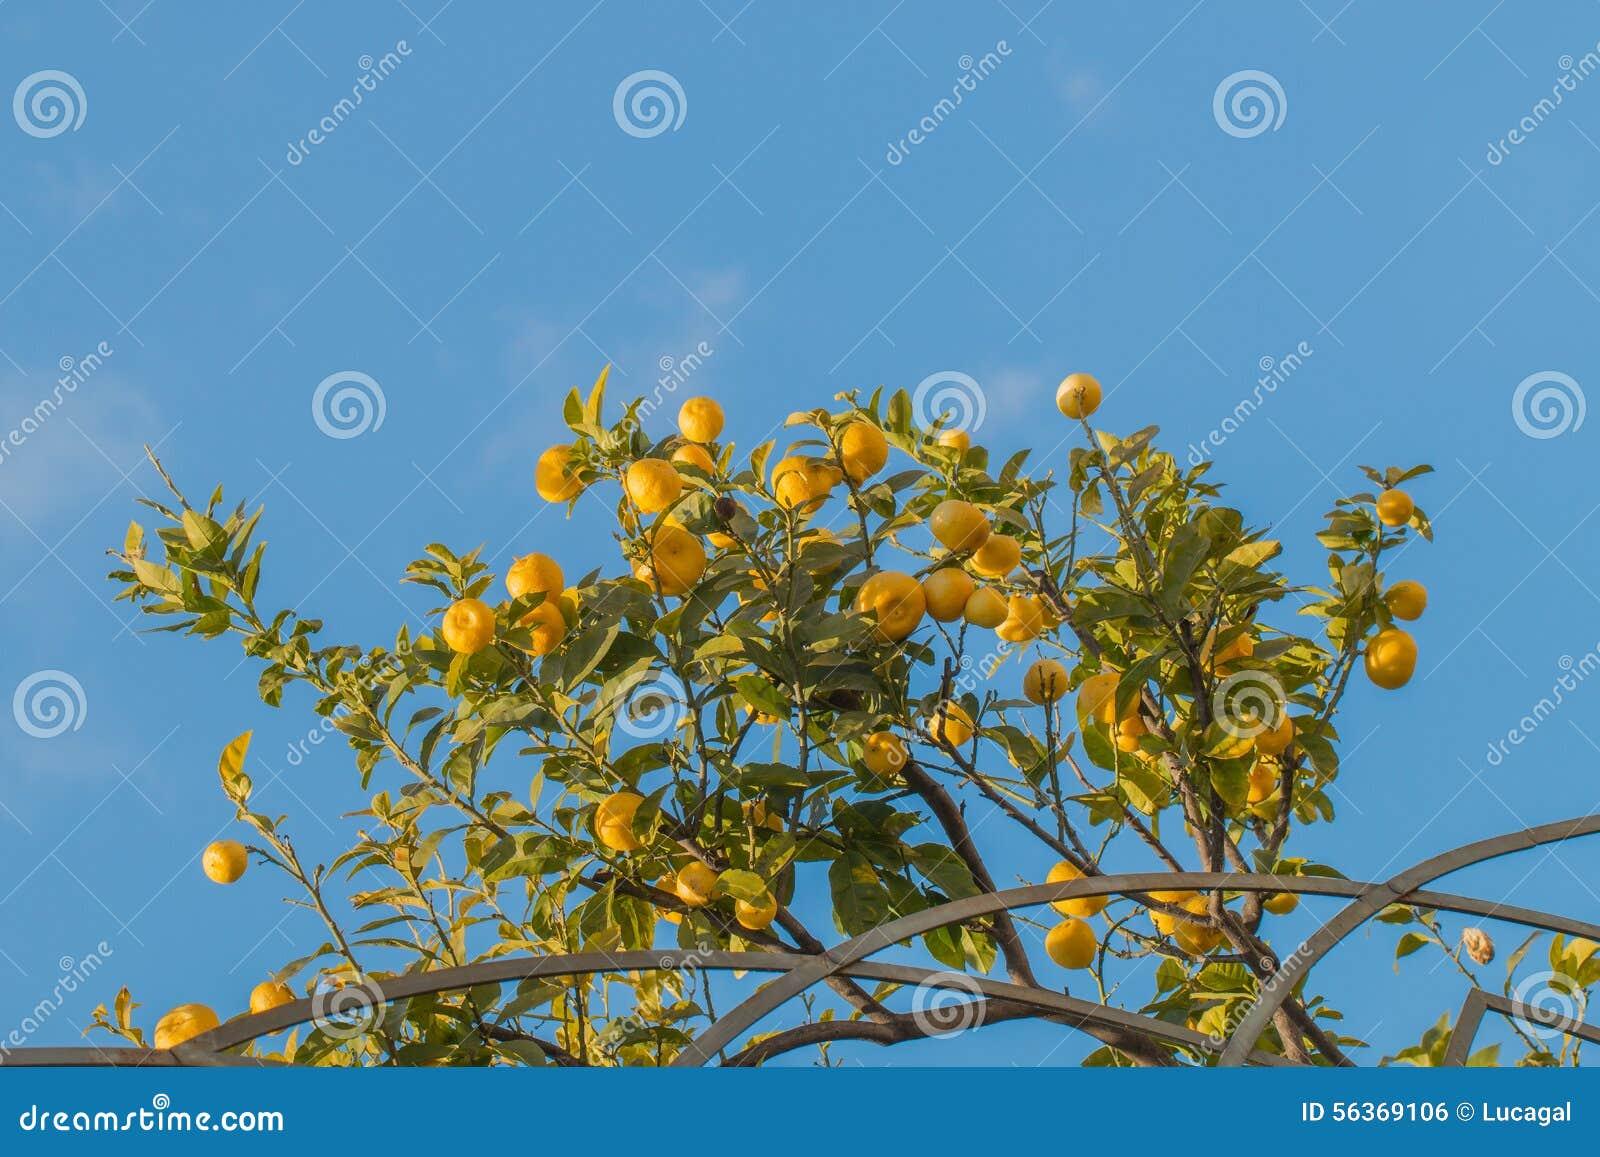 Ramos de uma árvore de limão completamente de frutos maduros